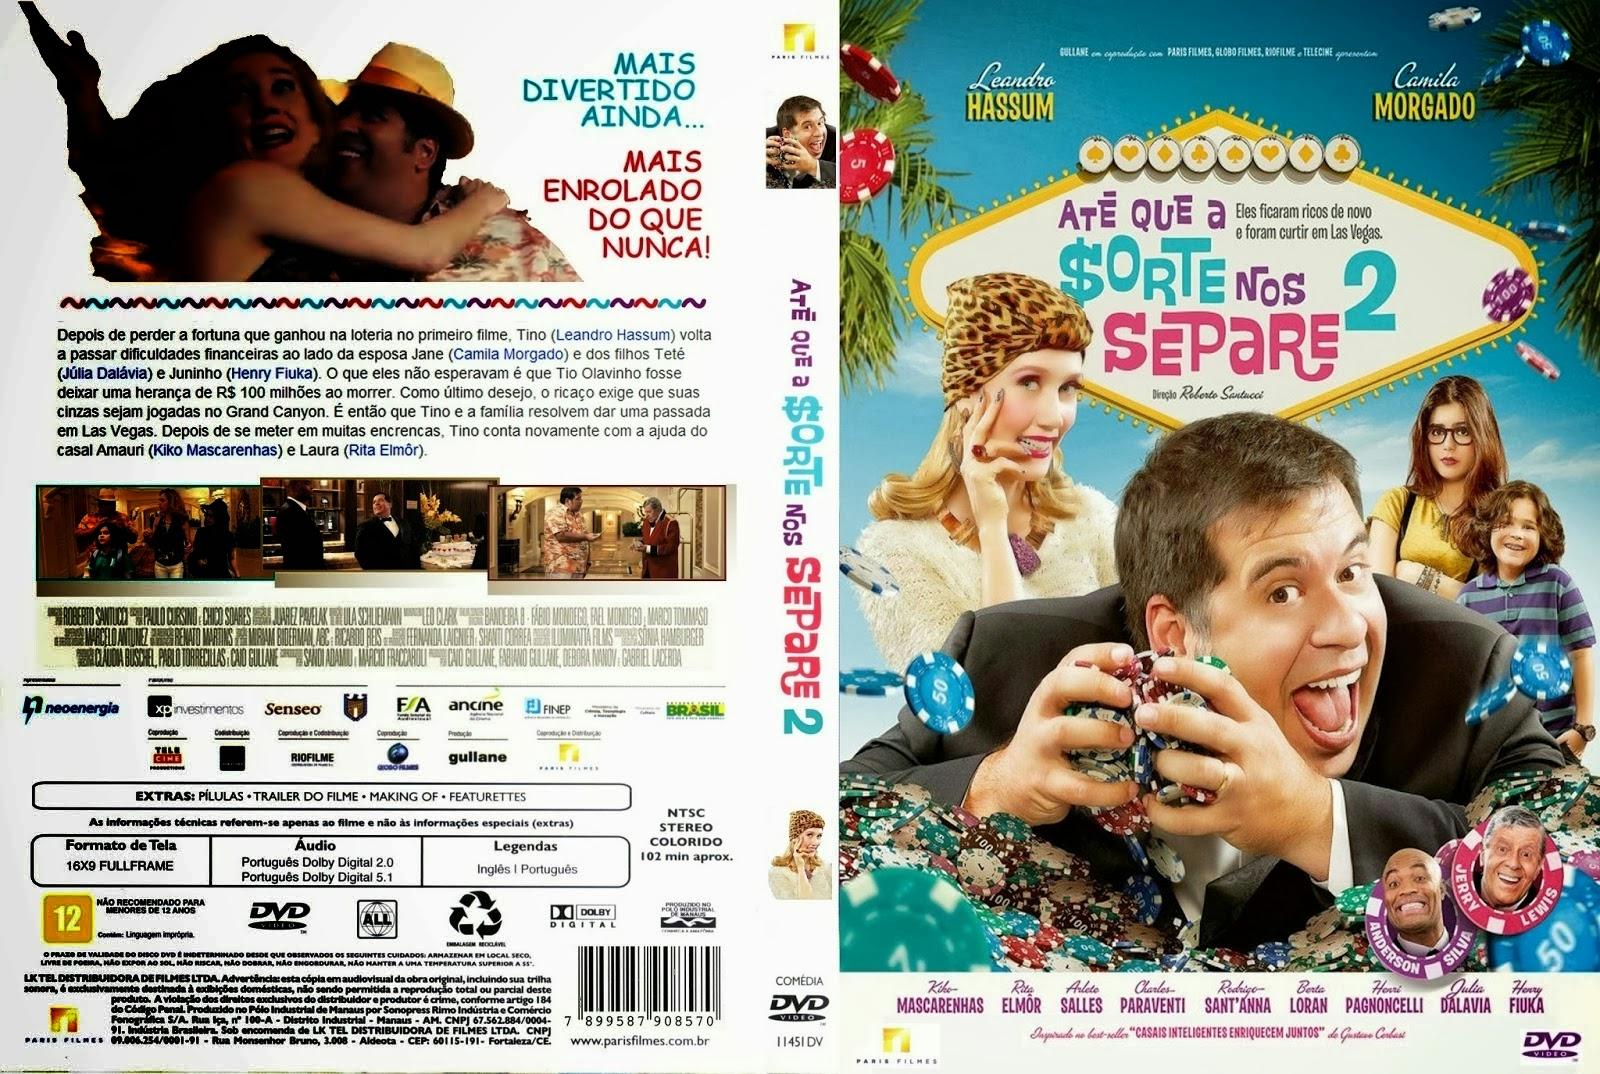 Baixar Filme At%C3%A9+Que+A+Sorte+Nos+Separe+2+Capa Até Que A Sorte Nos Separe 2 (Nacional) (2014) TS AVi  torrent